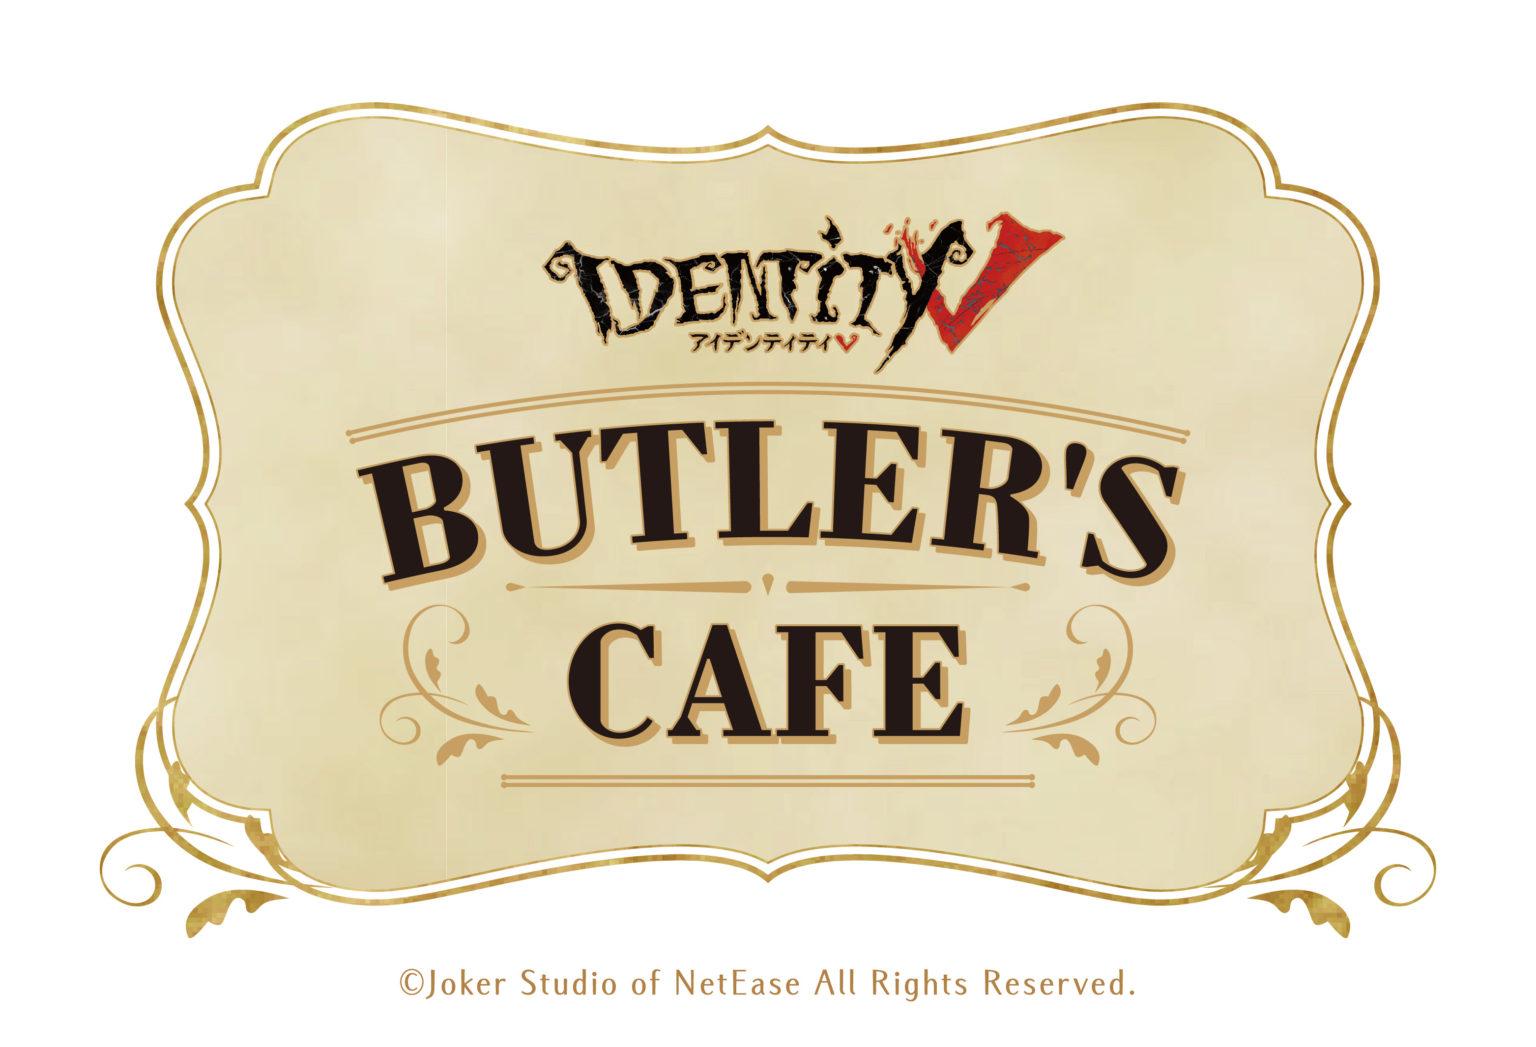 「Identity V 第五人格」BUTLER'S CAFEロゴ